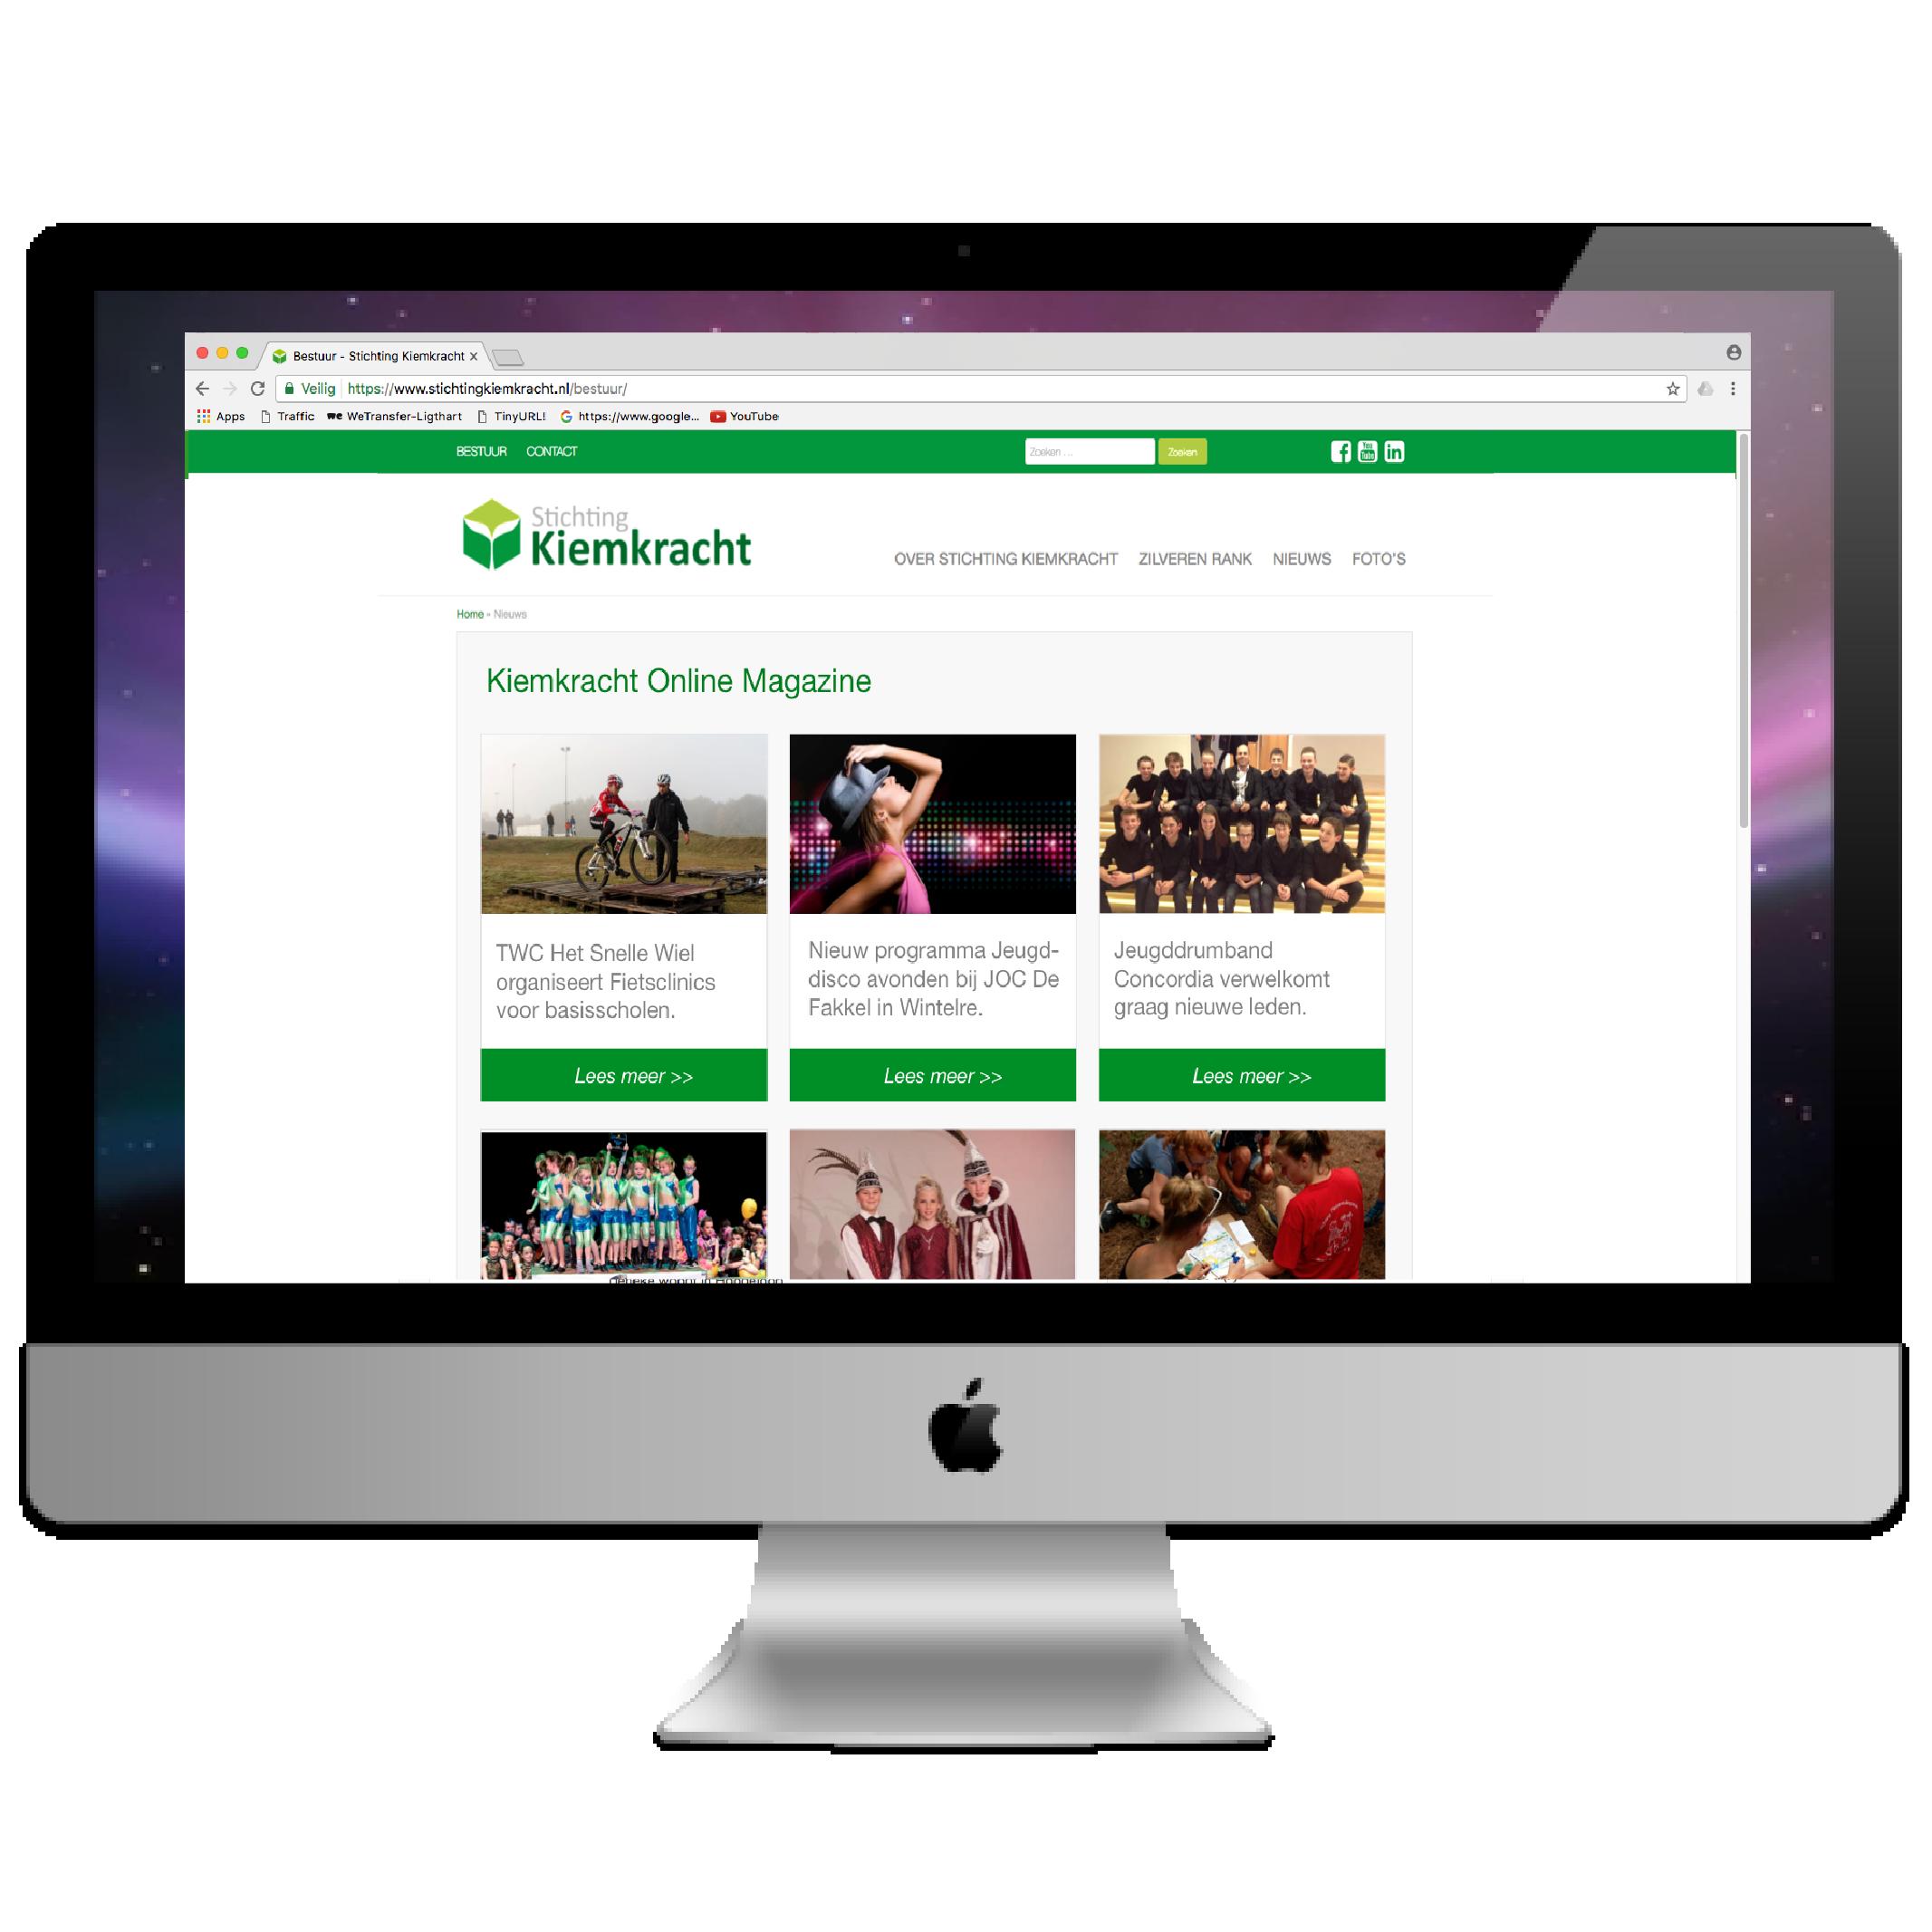 Kiemkracht Online Magazine, platform voor jongerenactiviteiten in regio De Kempen